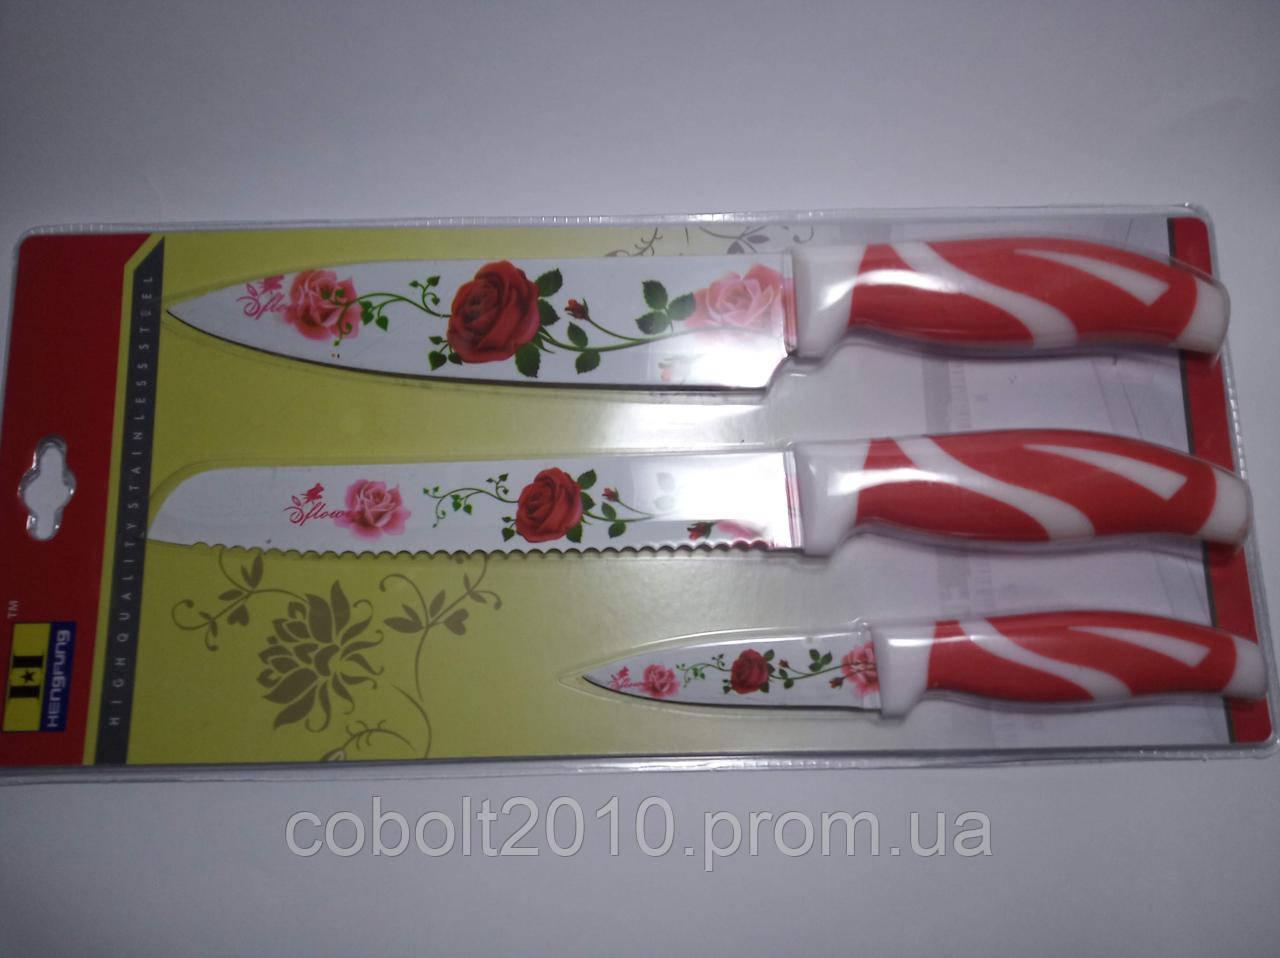 Набор кухонных метал / керамика ножей 3 шт